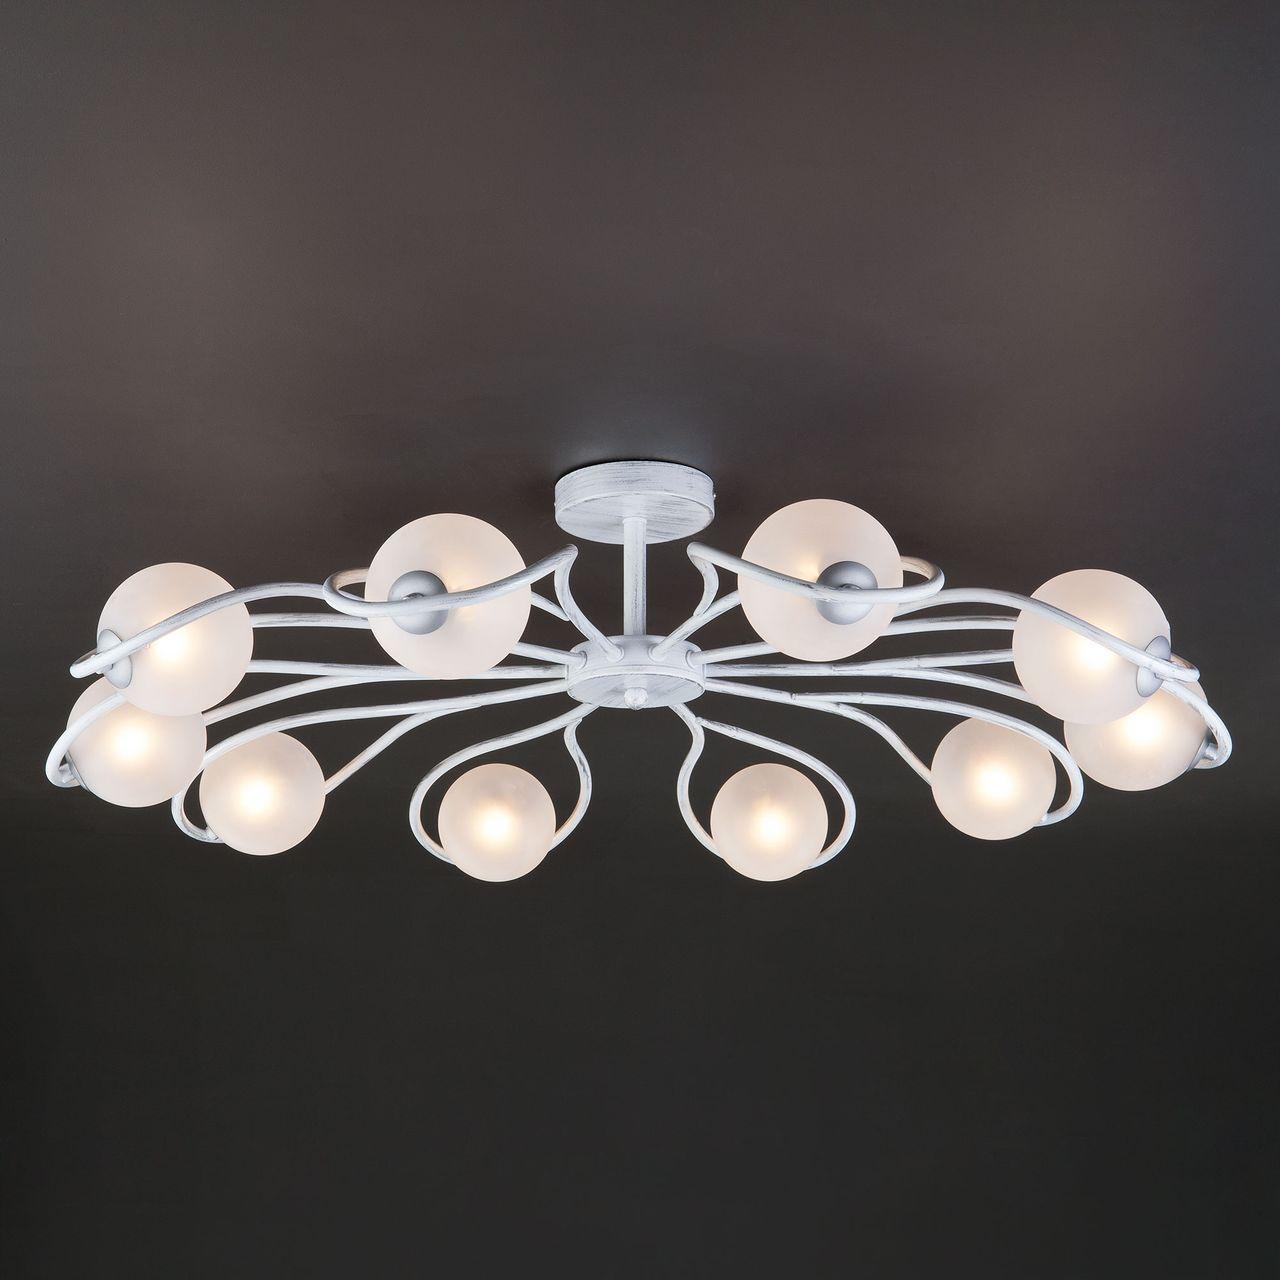 Люстра Eurosvet Camomile 70089/10 белый с серебром потолочная люстра eurosvet camomile 70089 10 белый с серебром